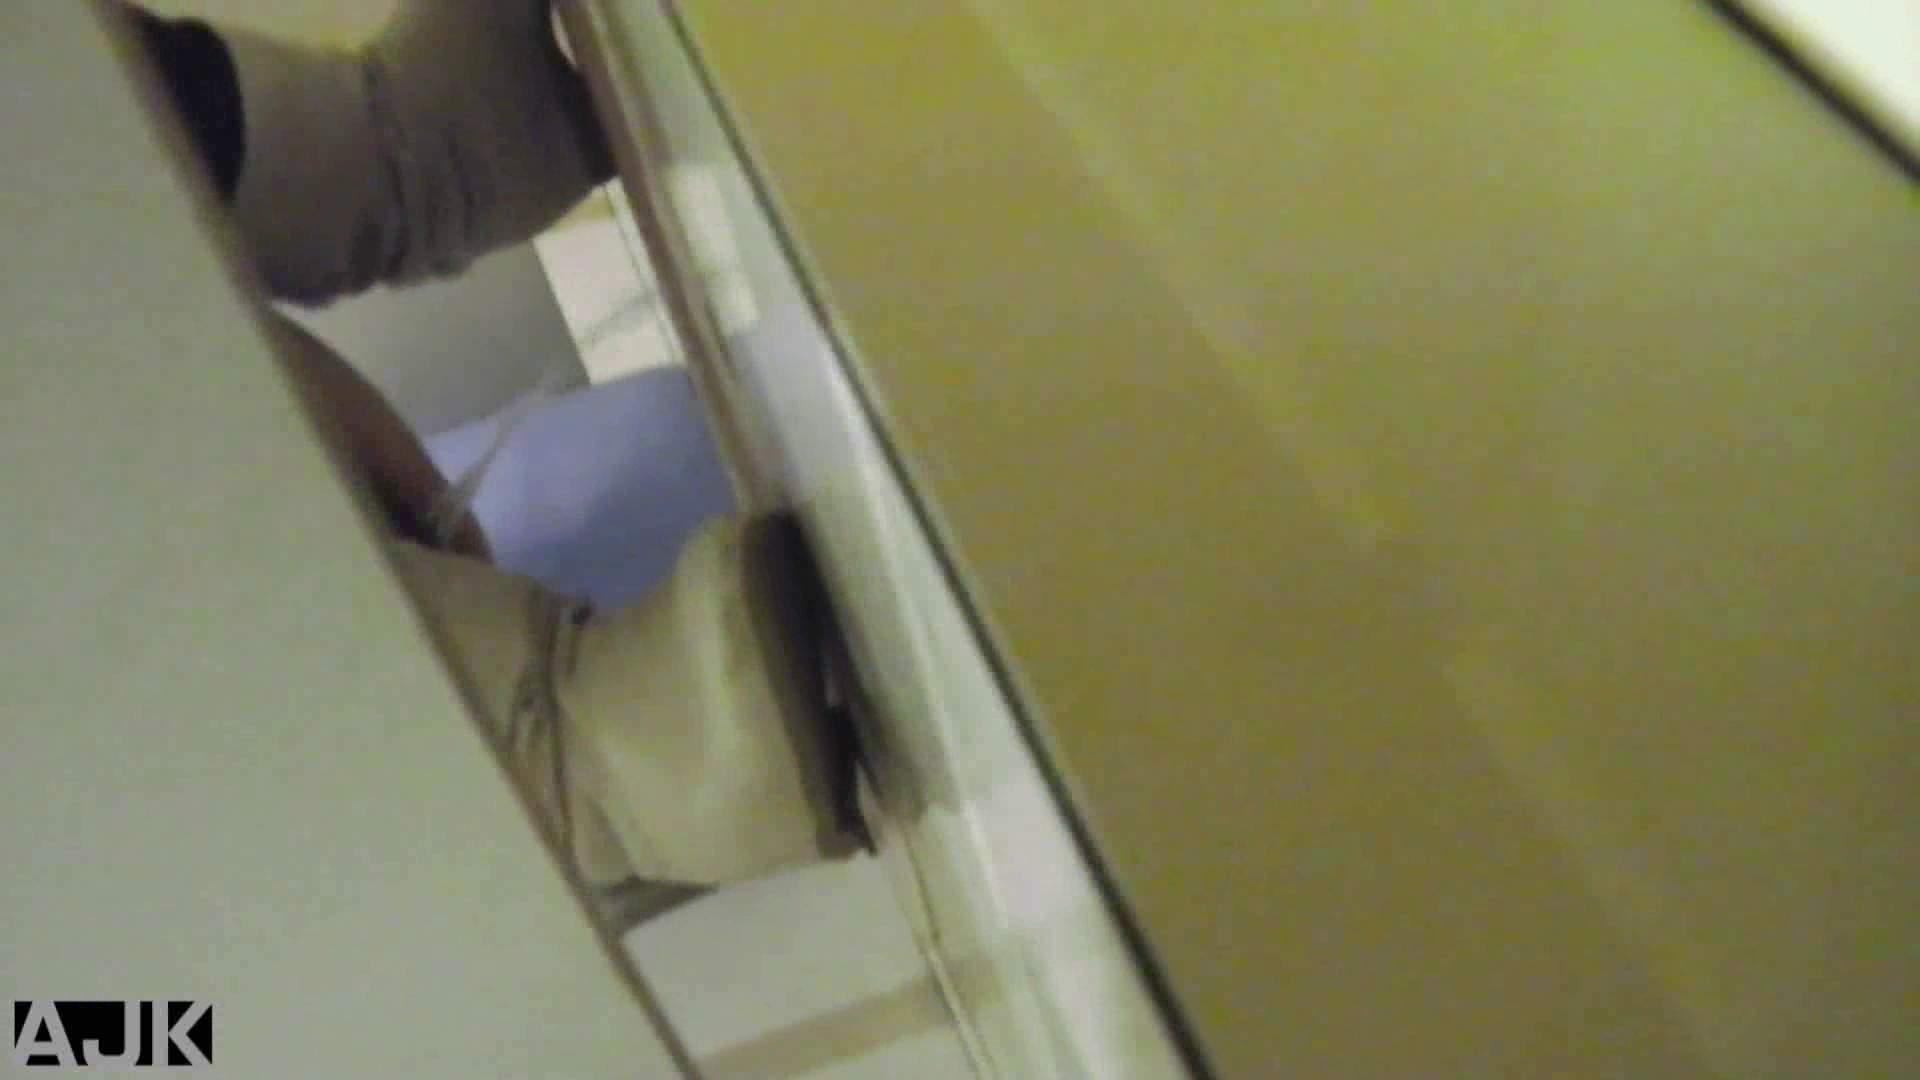 無修正ヌード|隣国上階級エリアの令嬢たちが集うデパートお手洗い Vol.11|怪盗ジョーカー